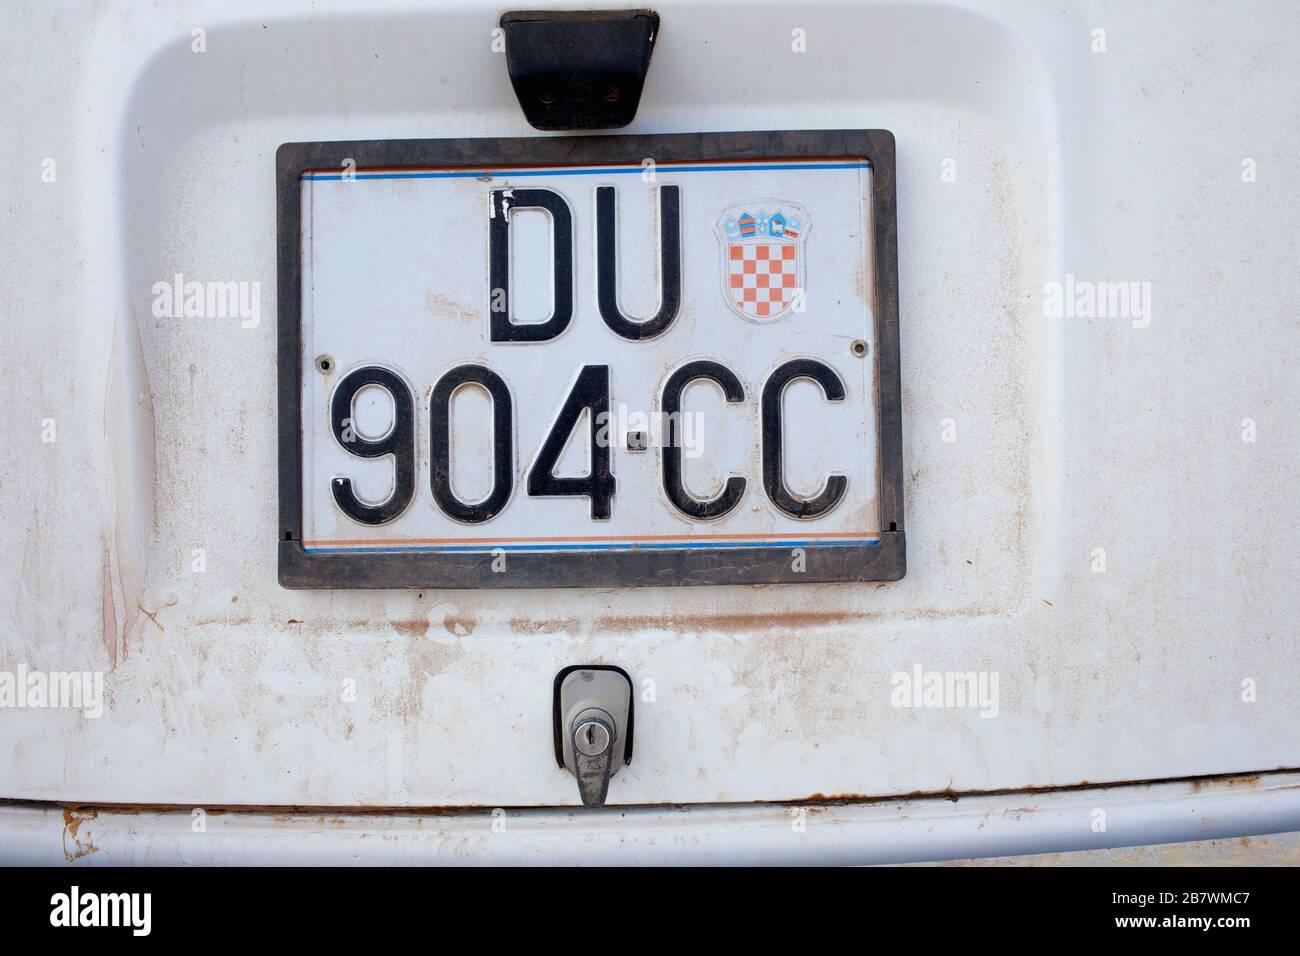 Piastra per auto Croazia. Croazia (Europa) Foto Stock